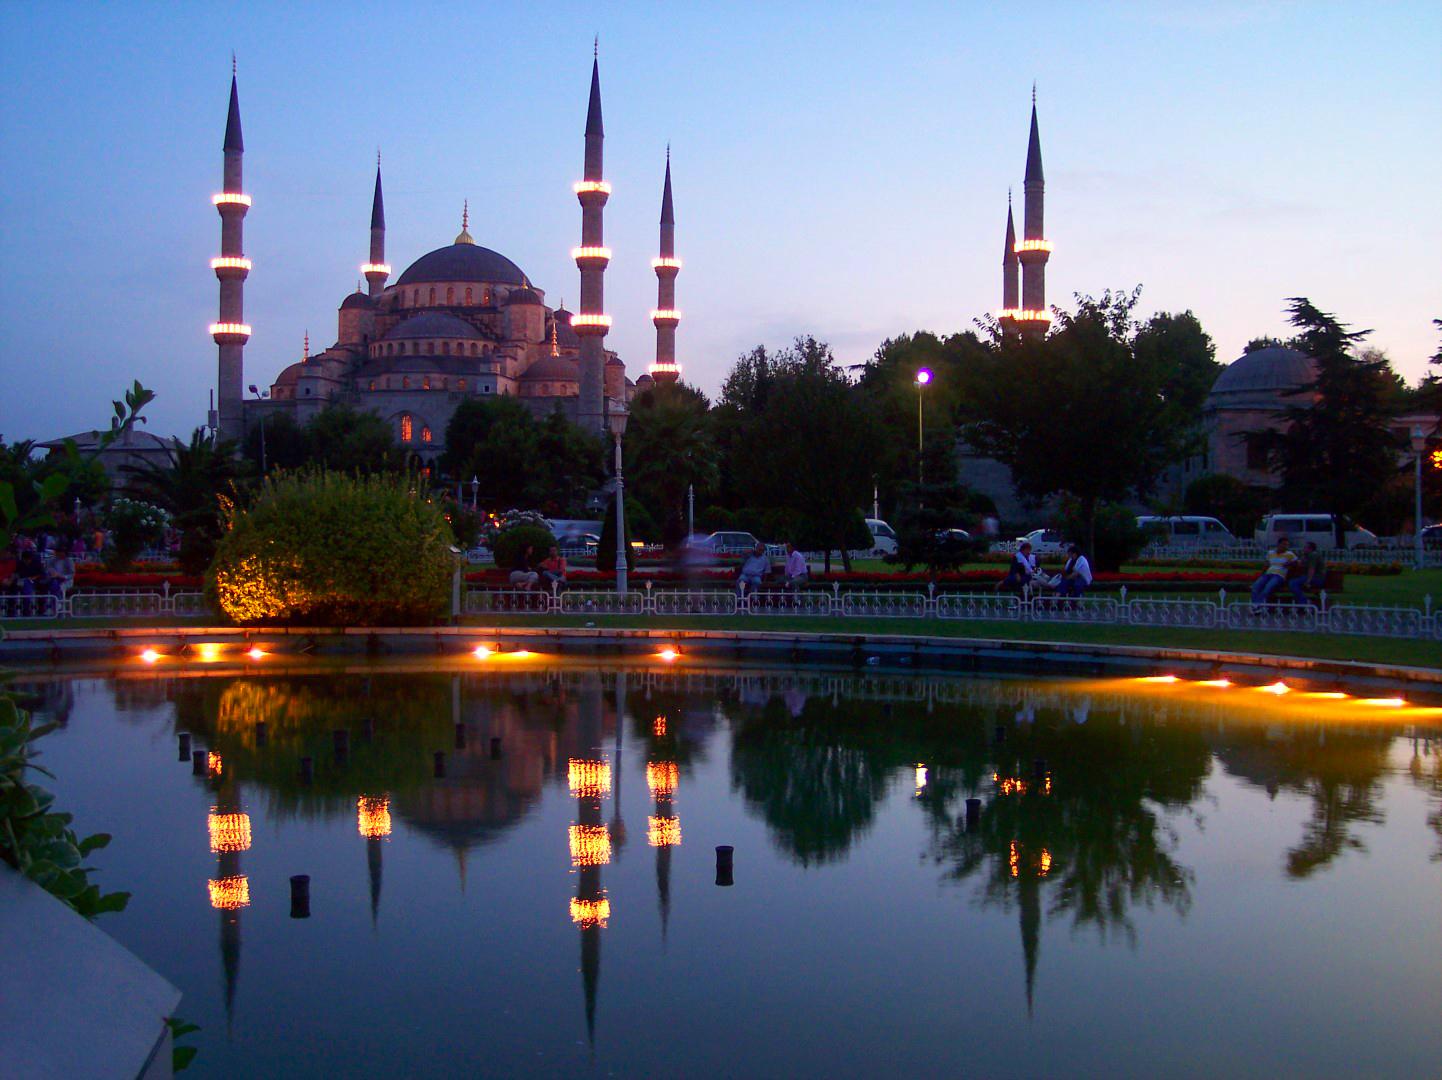 qué ver en Estambul, Turquía - Istanbul, Turkey qué ver en estambul - 30362988914 2755b0f260 o - Qué ver en Estambul